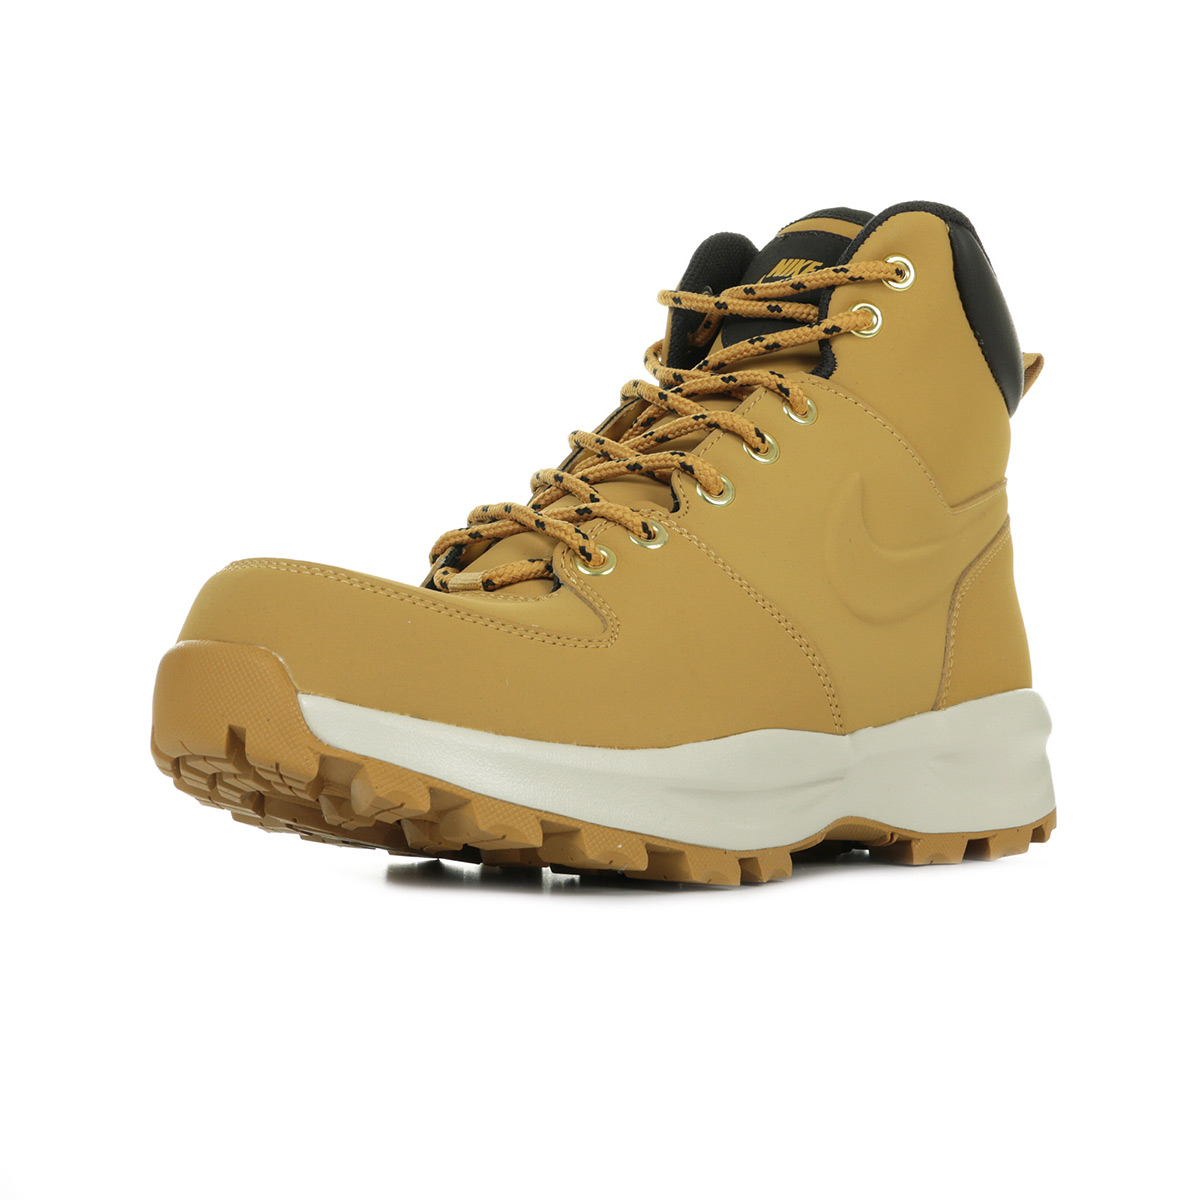 Détails sur Chaussures Nike homme Manoa leather Randonnée taille Brun Brune Cuir Lacets